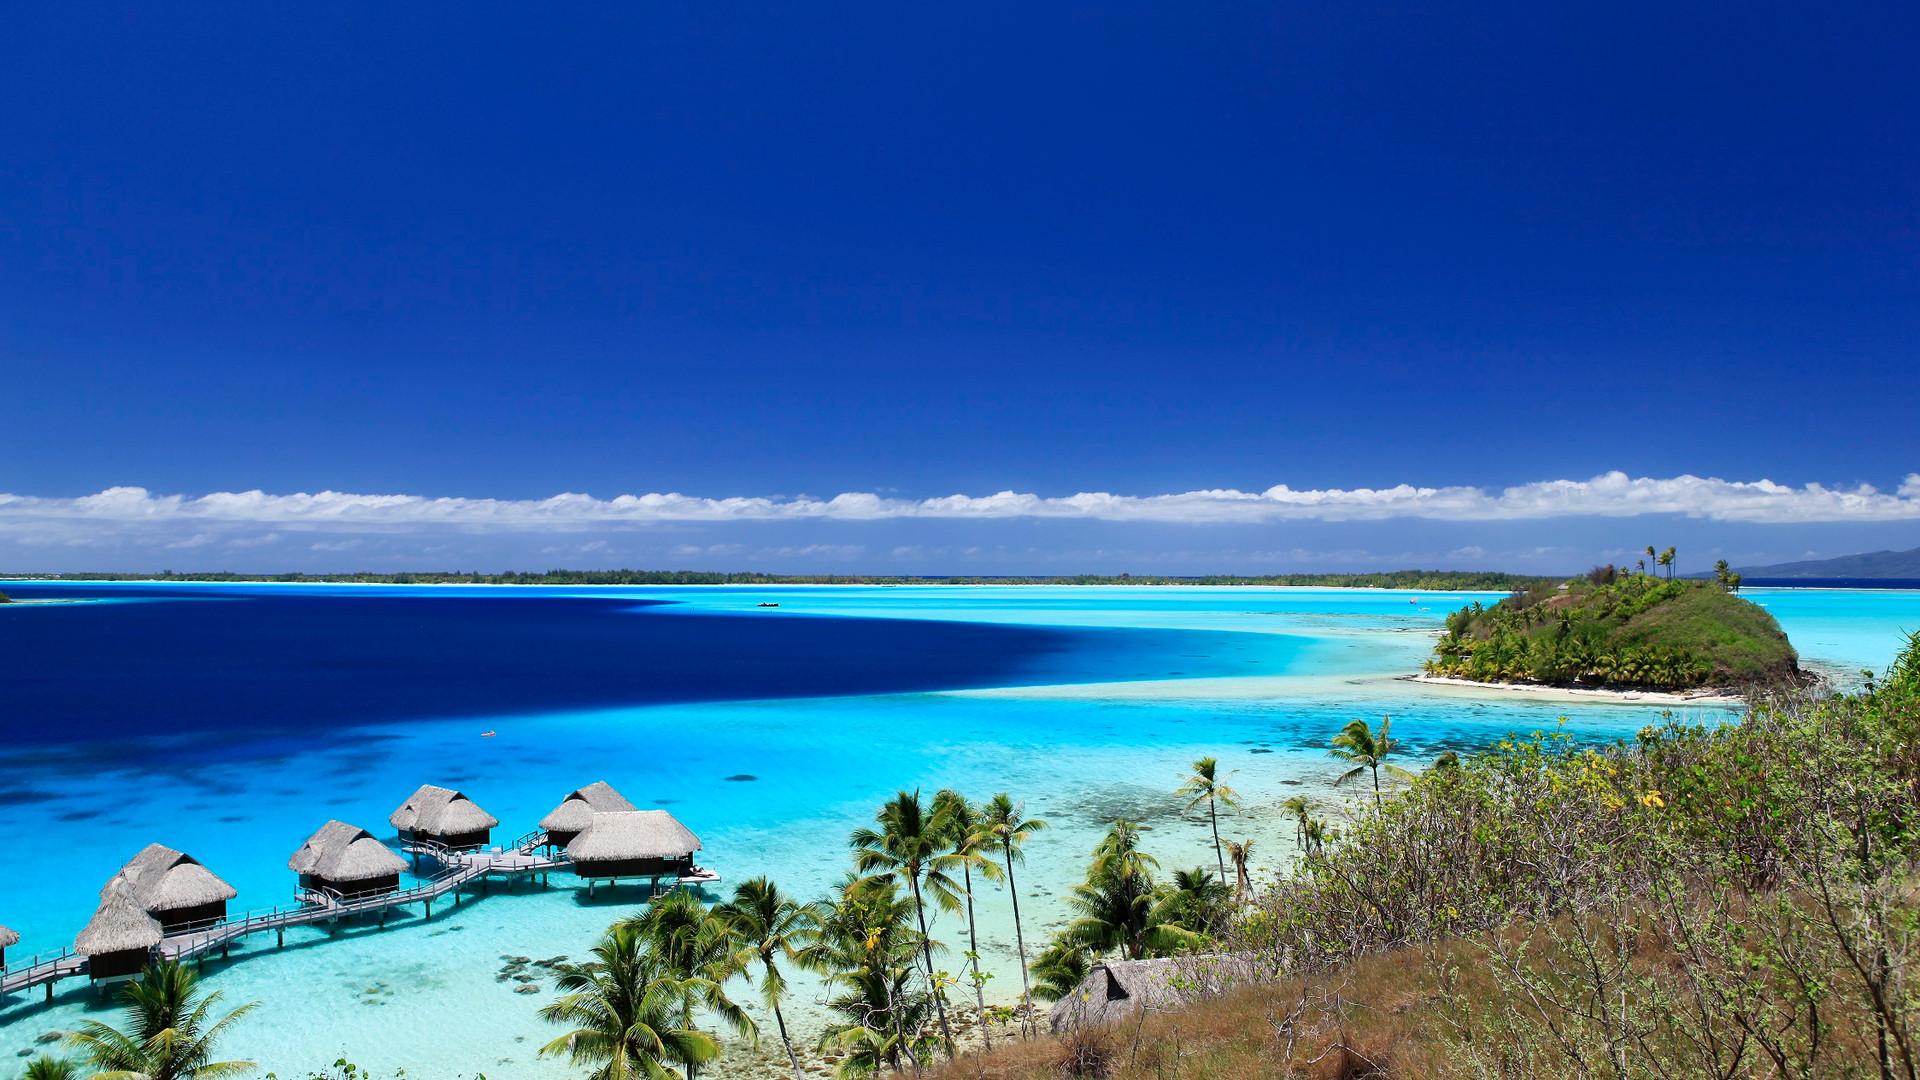 Sofitel_Bora_Bora_Private_Island-Lagunenblick